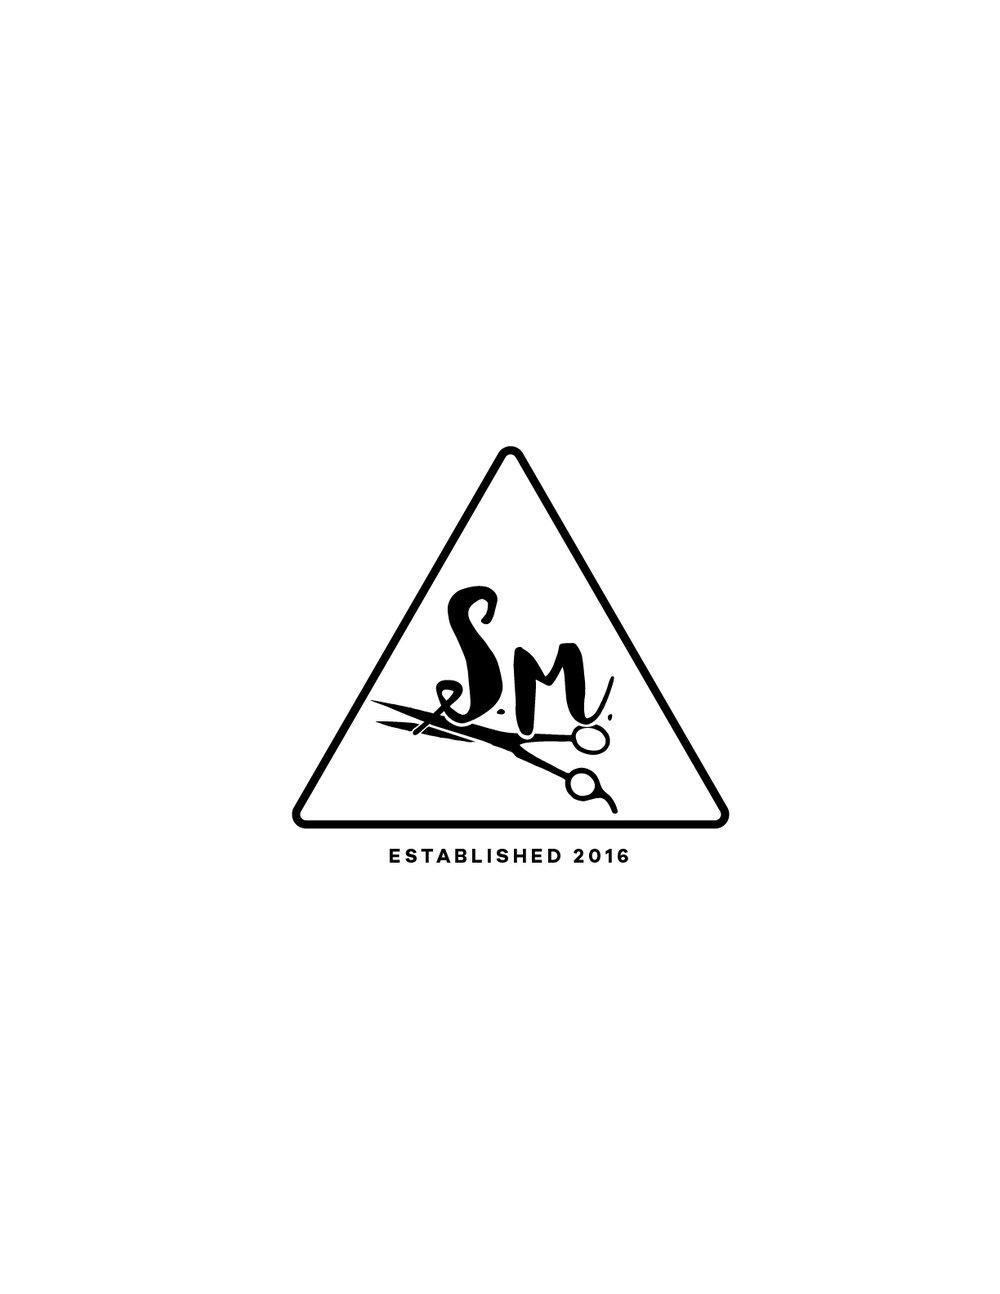 the-four-design-sammi-mac-logo-concepts-5.jpg